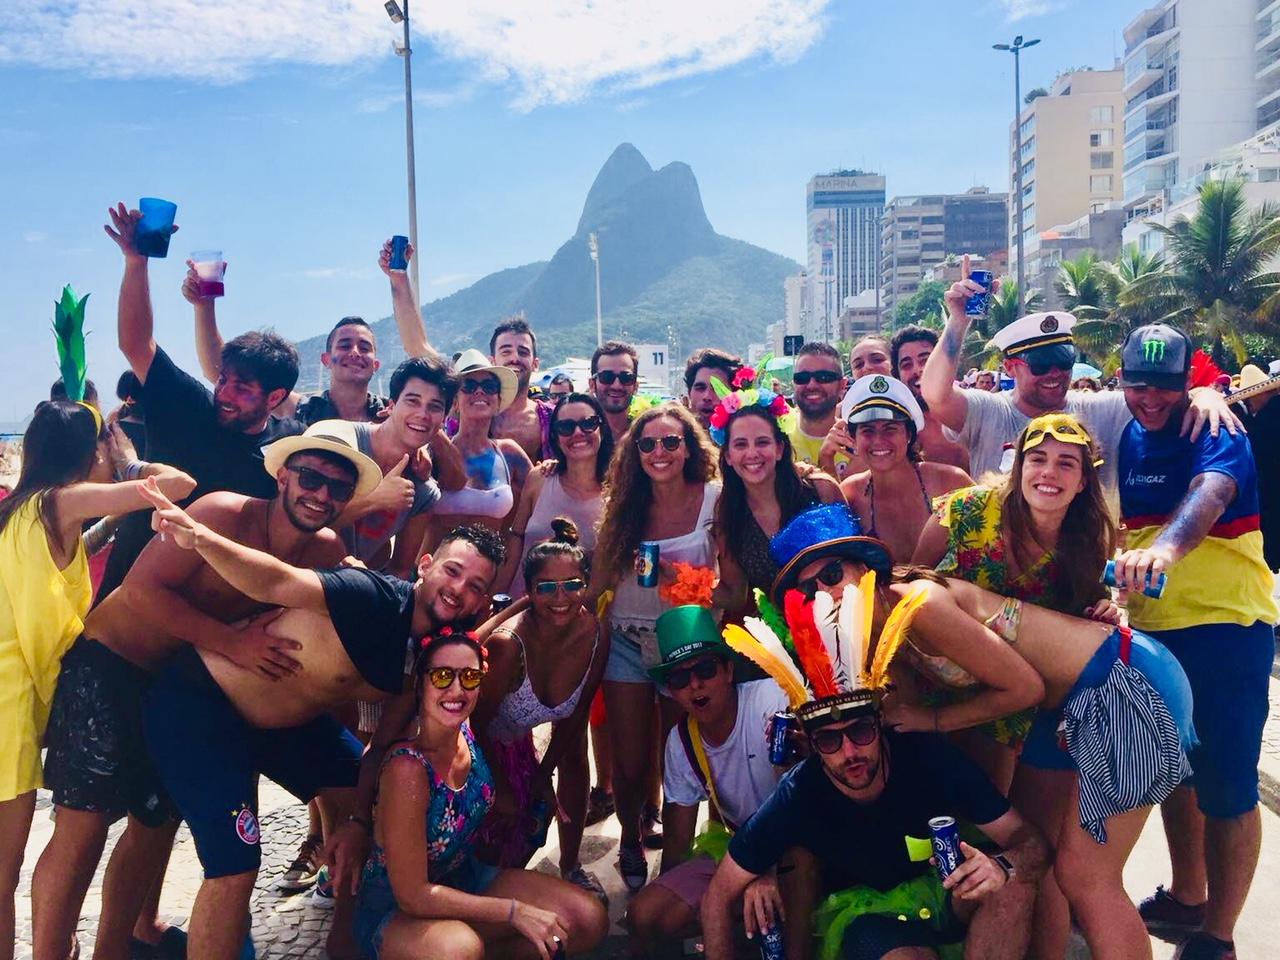 Carnaval en Rio de Janeiro (Brasil)